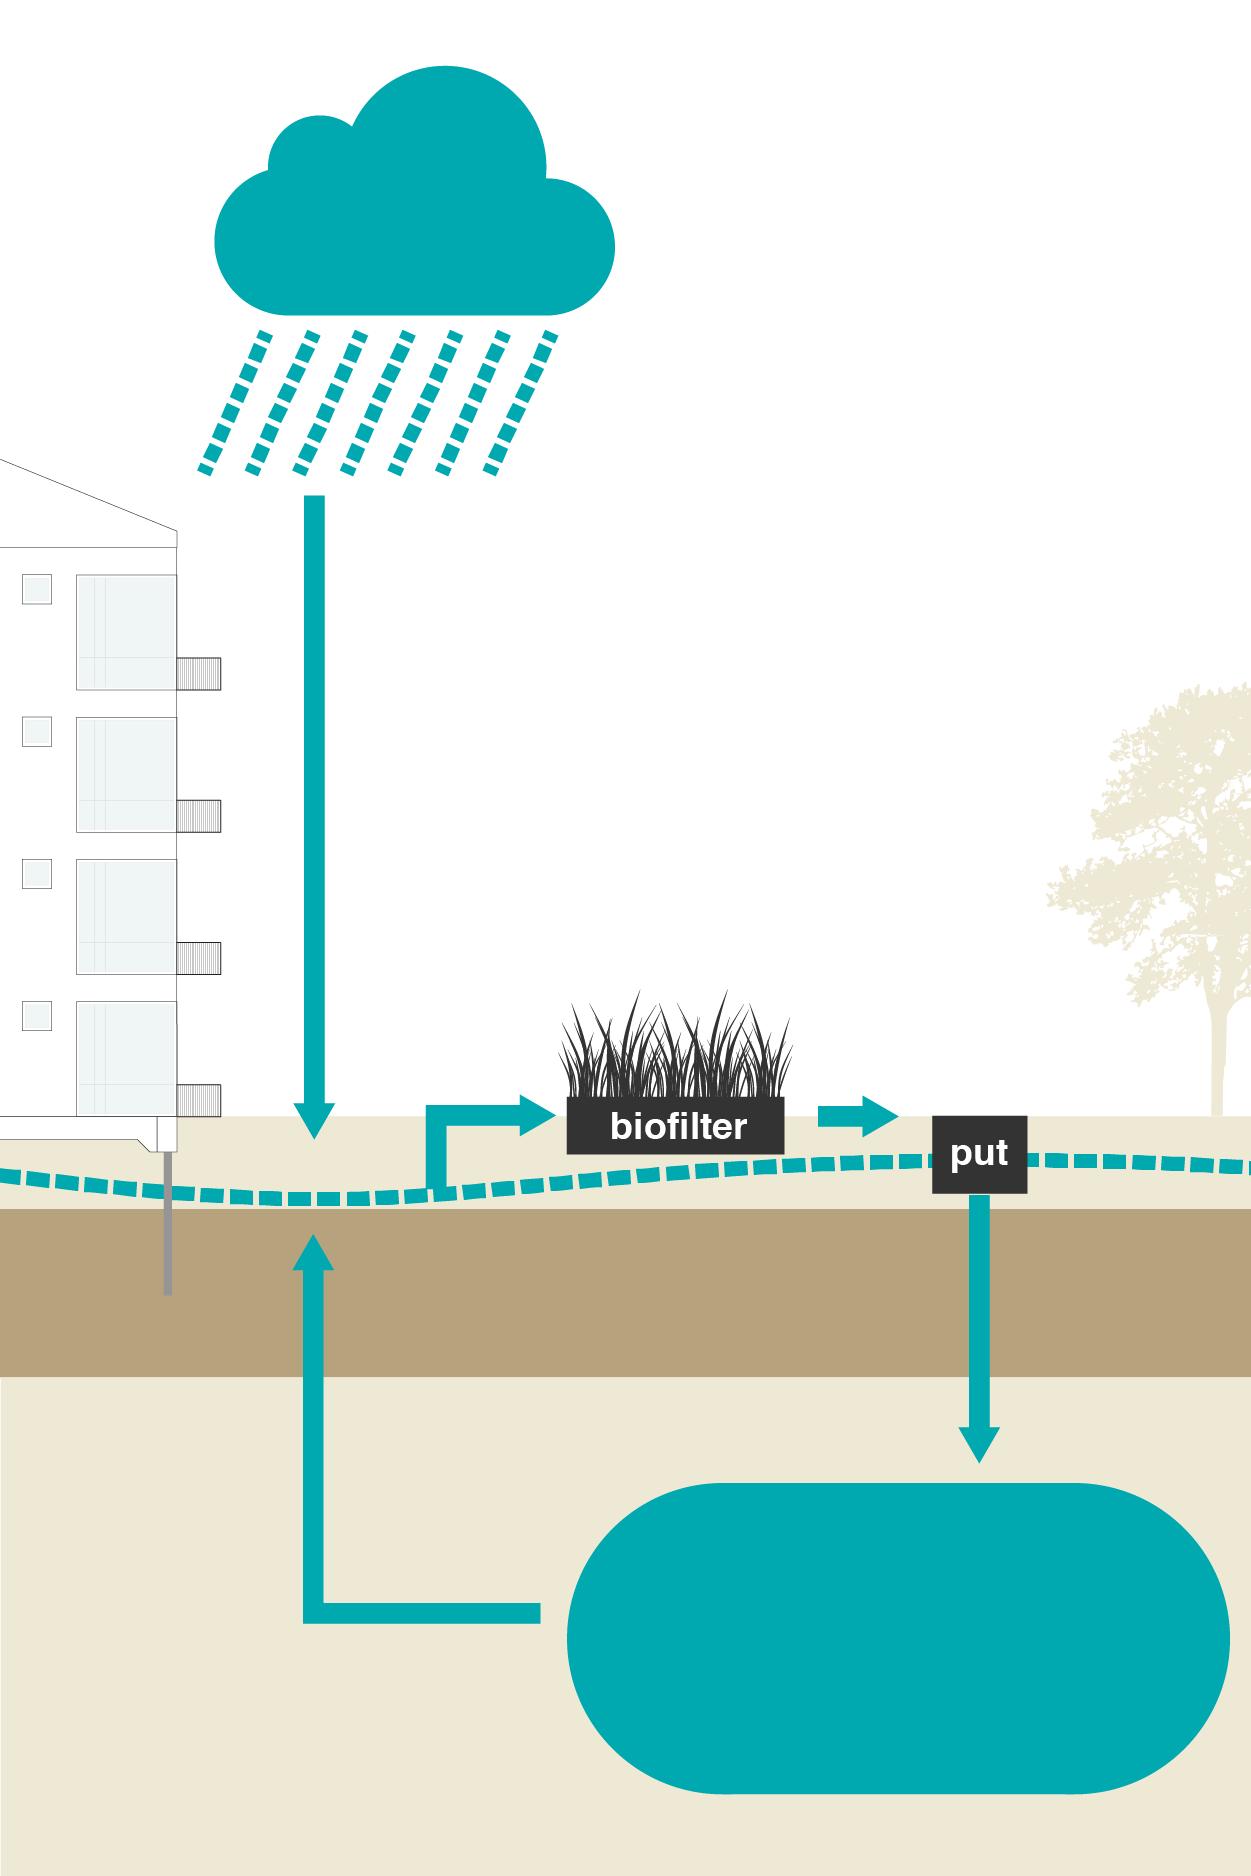 Stabiel grondwaterpeil beheer - Systeemcomponenten: biofilter en installaties.Met Bluebloqs is actief grondwaterpeilbeheer mogelijk, zodat overlast of onderlast kunnen worden voorkomen. Tijdens het natte seizoen wordt het wateroverschot geïnfiltreerd naar de ondergrond en wordt het opgeslagen. In het droge seizoen wordt het opgeslagen water gebruikt om het grondwatertekort aan te vullen. Zo kan bodemdaling bijvoorbeeld worden vertraagd.Bluebloqs is geschikt voor grote verharde oppervlakten waar weinig oppervlaktewater beschikbaar is. Het kan worden geïmplementeerd op straat-, of wijkniveau, bij vervangingsopgaven of bij nieuwe gebiedsontwikkelingsprojecten.